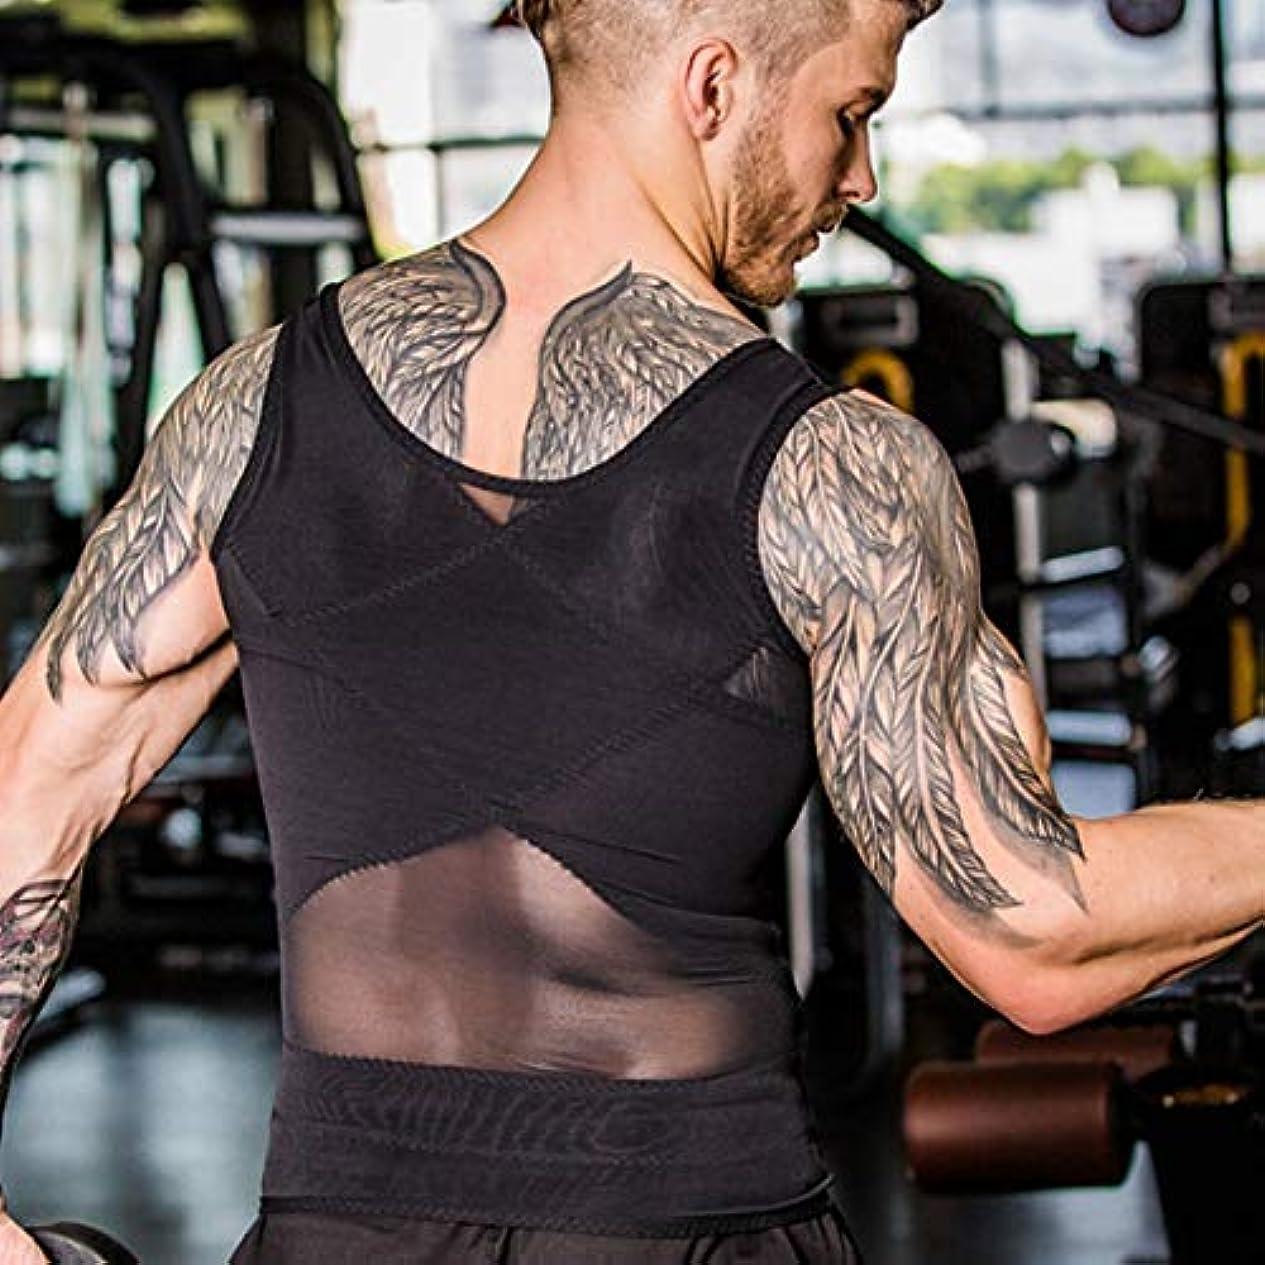 ケージペストリー調整可能ボディ型ノースリーブベストボディシェイパーチューニング腹ウエストトレーナーコルセットトップス快適な下着服シェイプウェア